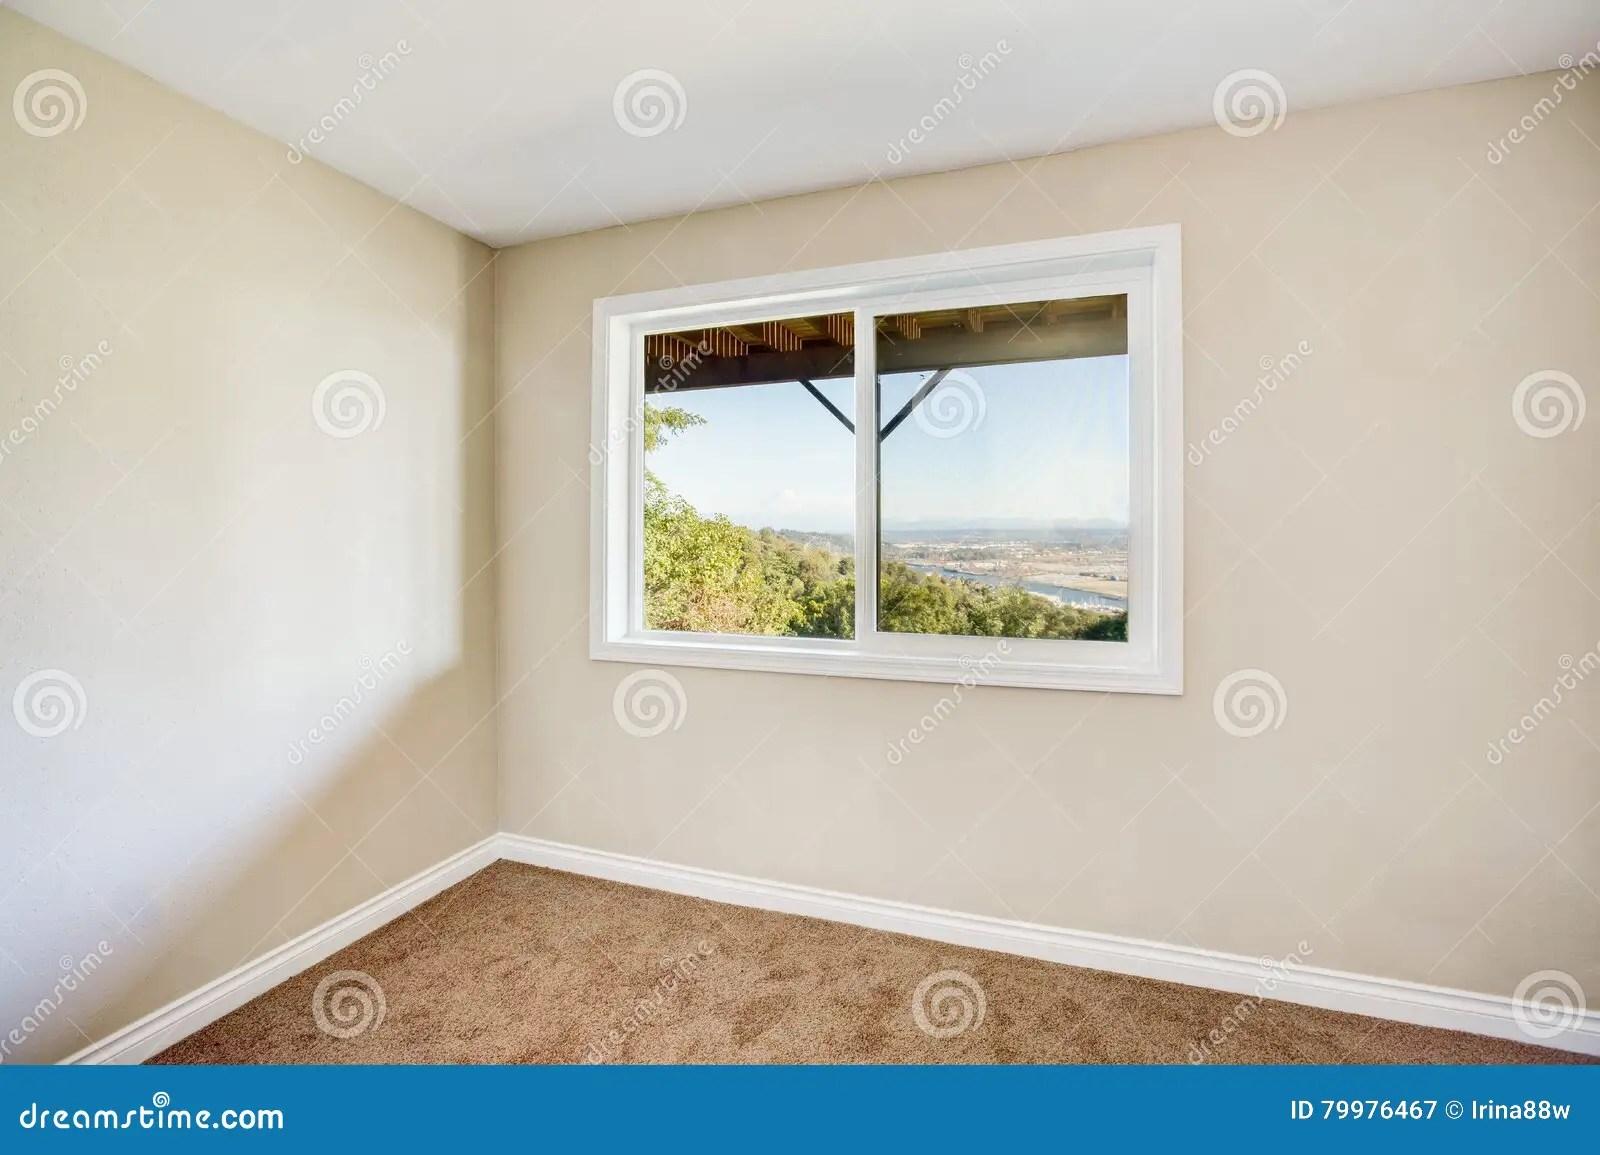 Della camera da letto, è possibile tagliare una delle pareti in colore beige, più chiara di un paio di toni. Interno Vuoto Della Stanza Con Tappeto Marrone E Le Pareti Beige Leggere Immagine Stock Immagine Di Soffitto Domestico 79976467